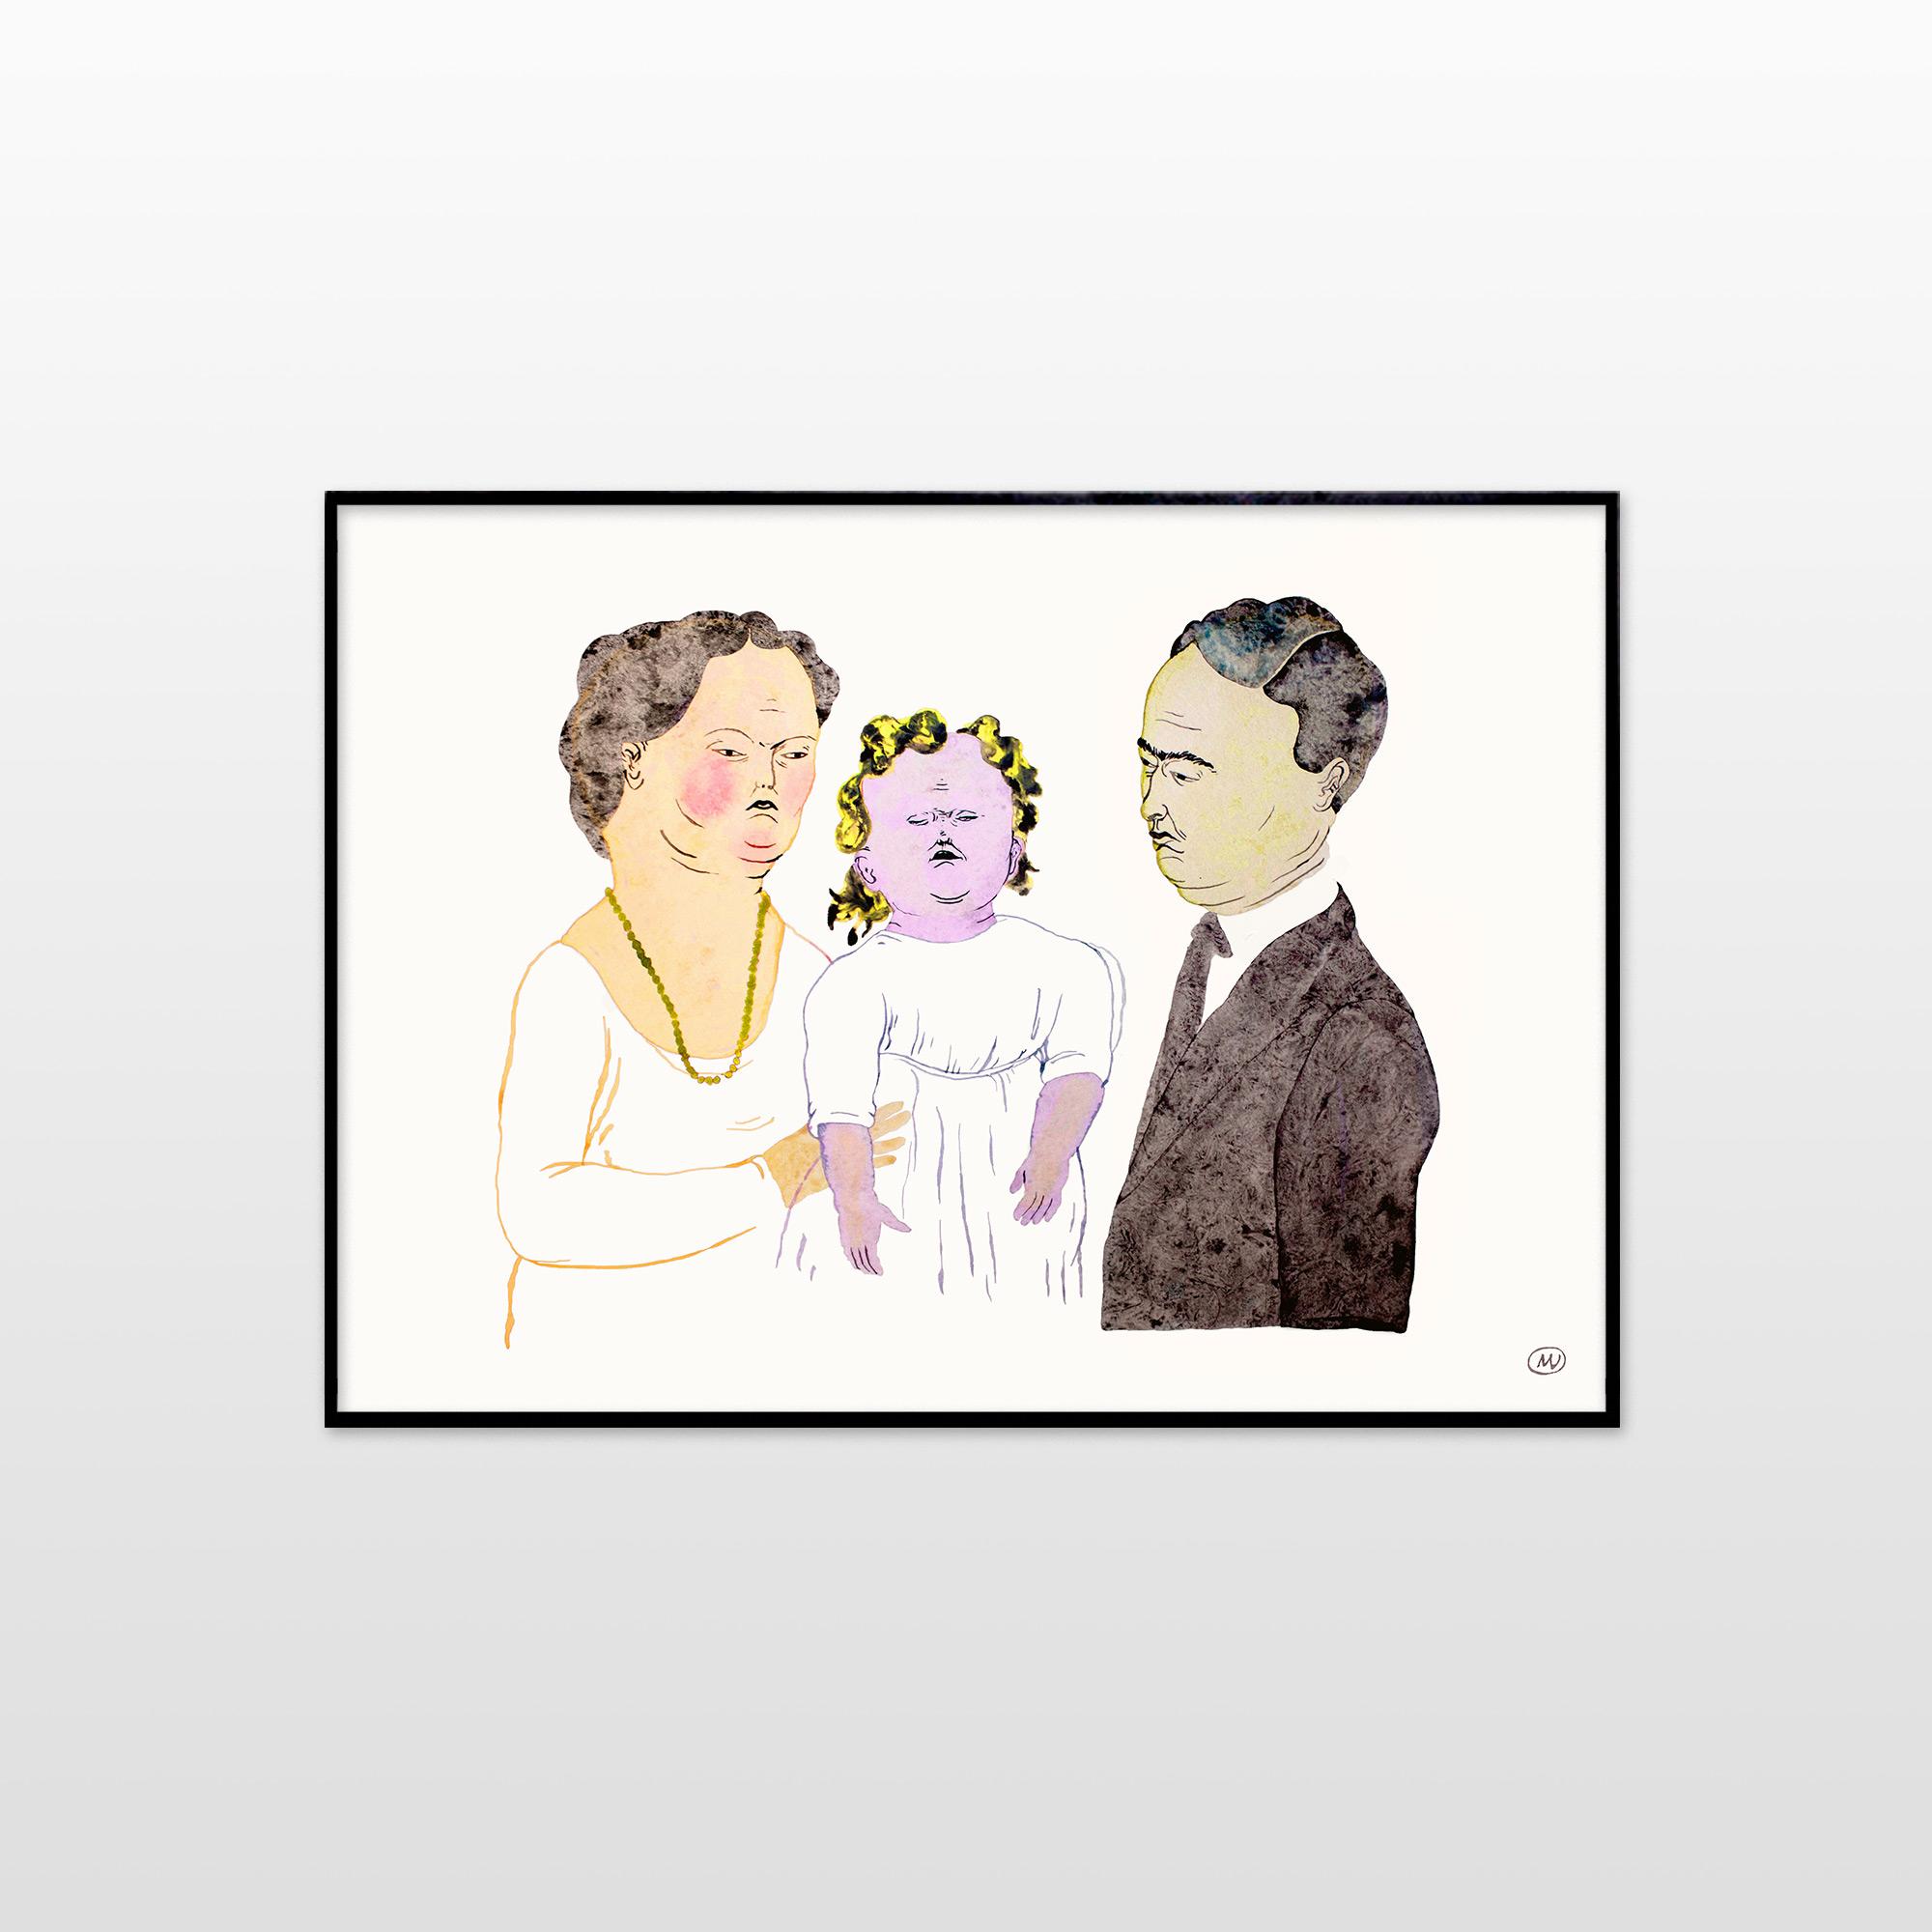 tegninger, gouache, akvareller, ekspressionistiske, figurative, portræt, kroppe, hverdagsliv, stemninger, mennesker, beige, sorte, hvide, blæk, papir, sjove, baby, samtidskunst, familie, interiør, bolig-indretning, mænd, moderne-kunst, plakater, tryk, underlig, kvinder, Køb original kunst og kunstplakater. Malerier, tegninger, limited edition kunsttryk & plakater af dygtige kunstnere.